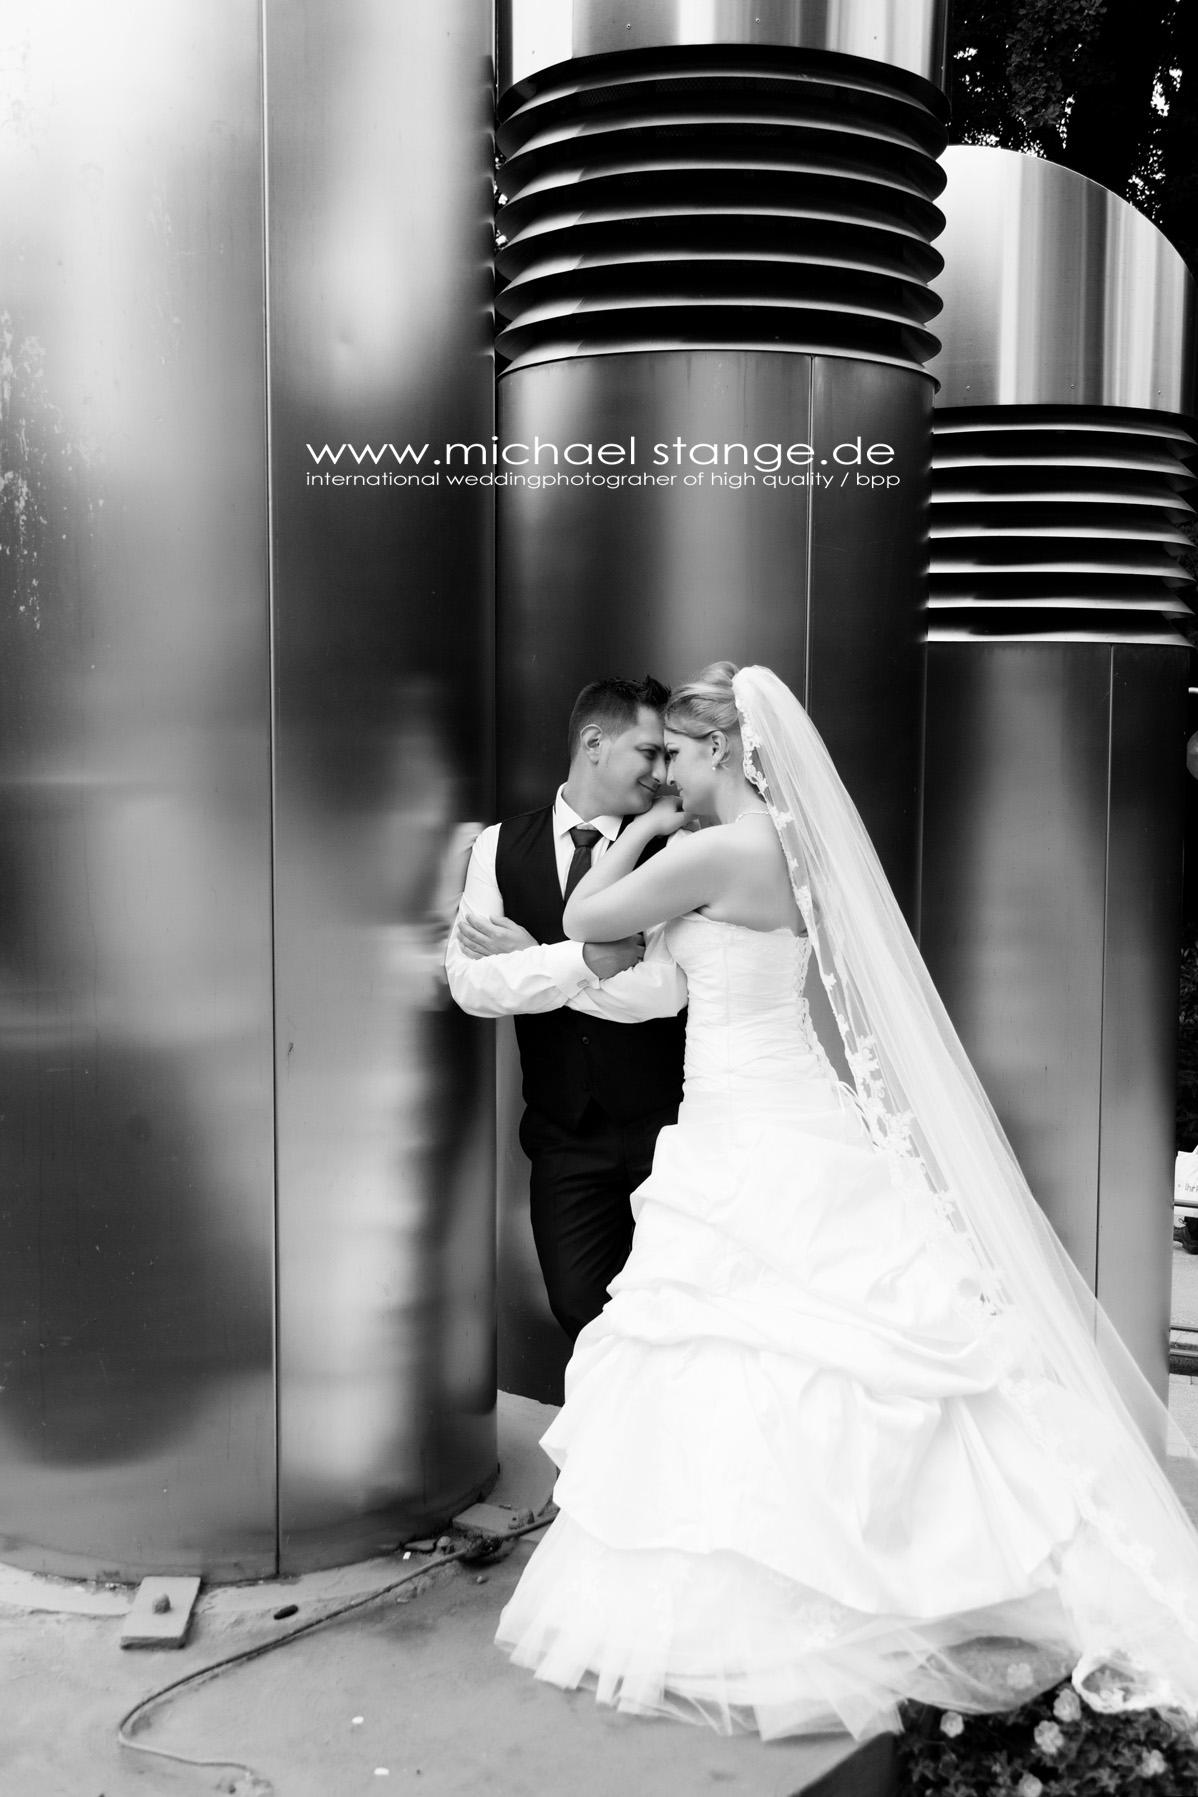 436 Hochzeitsfotograf Michael Stange Baltrum Osnabrueck